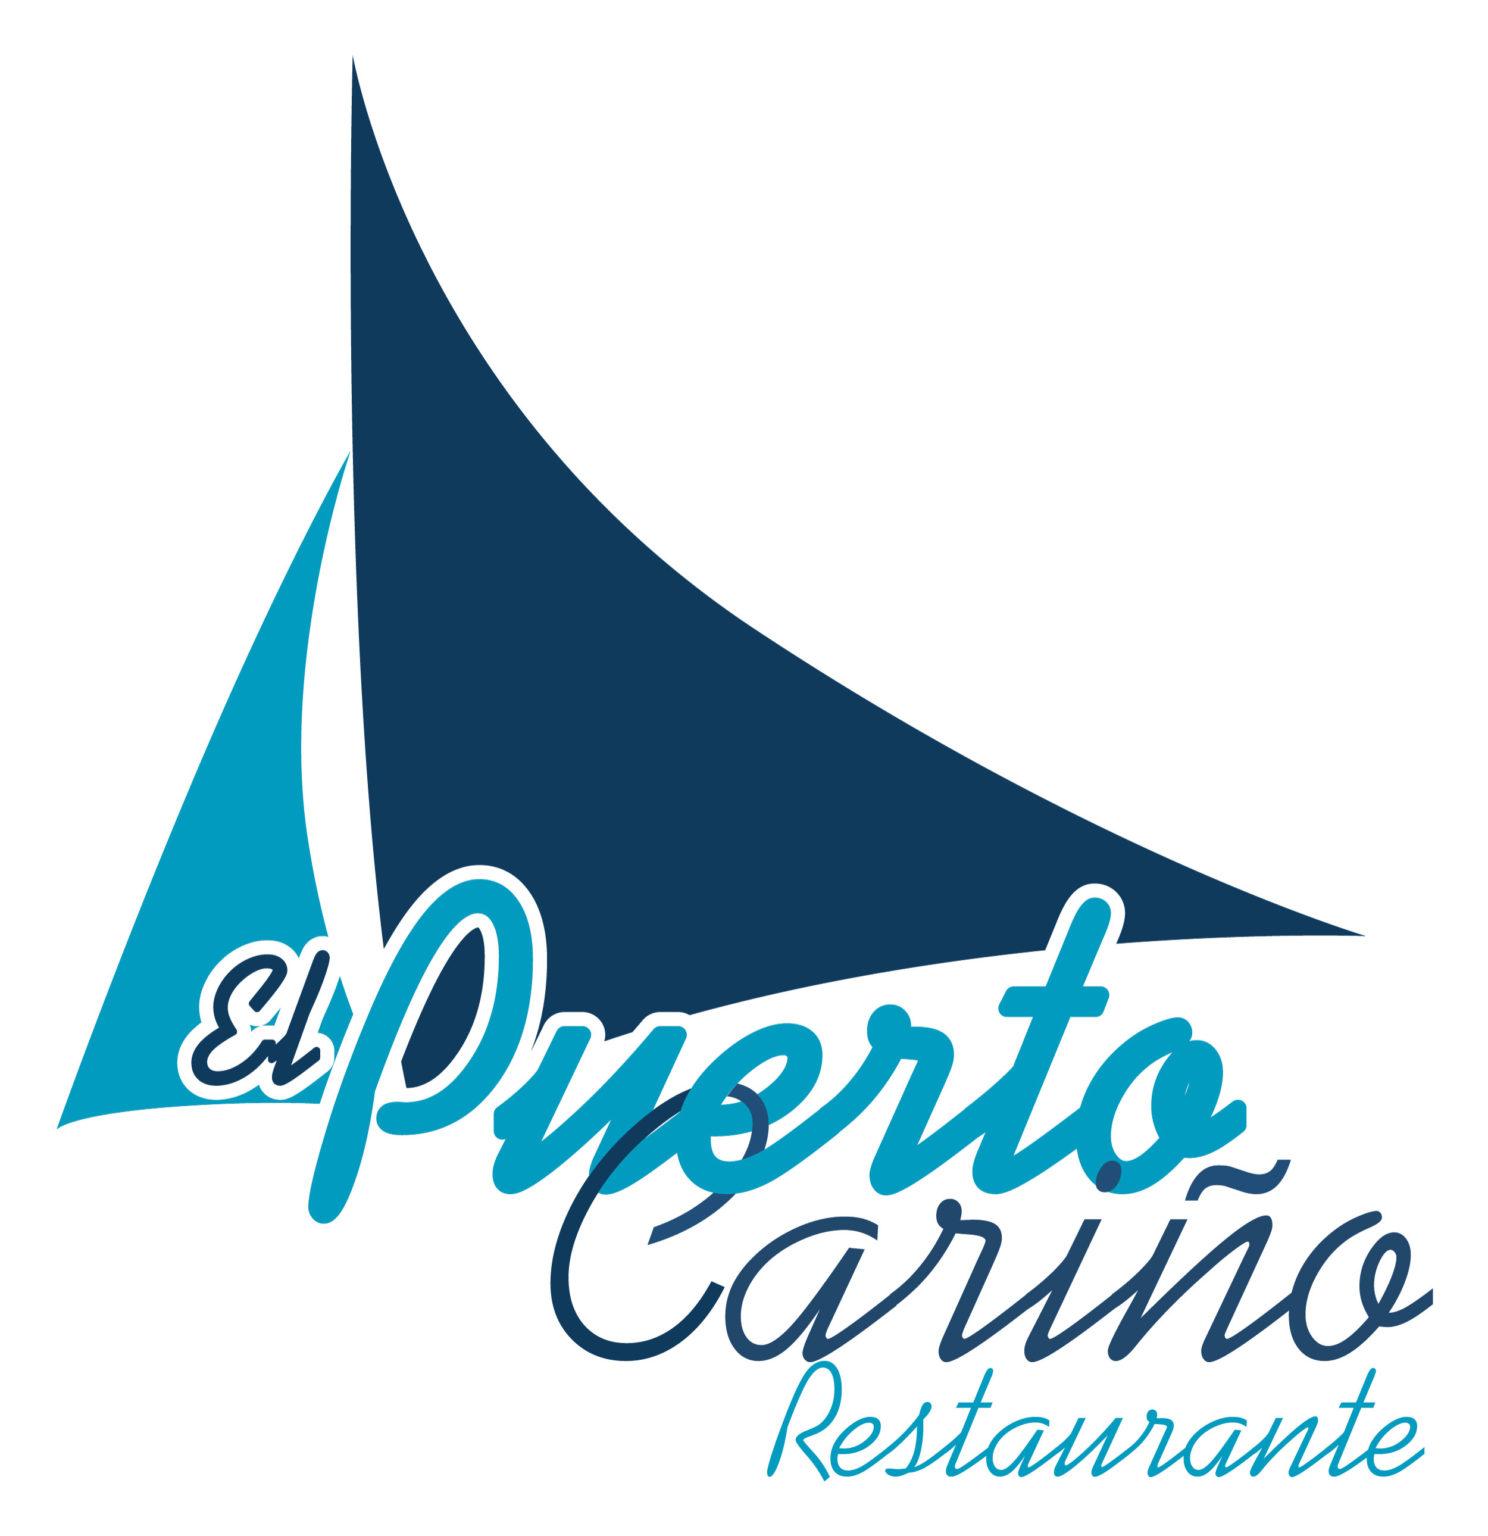 Logotipo El Puerto Cariño